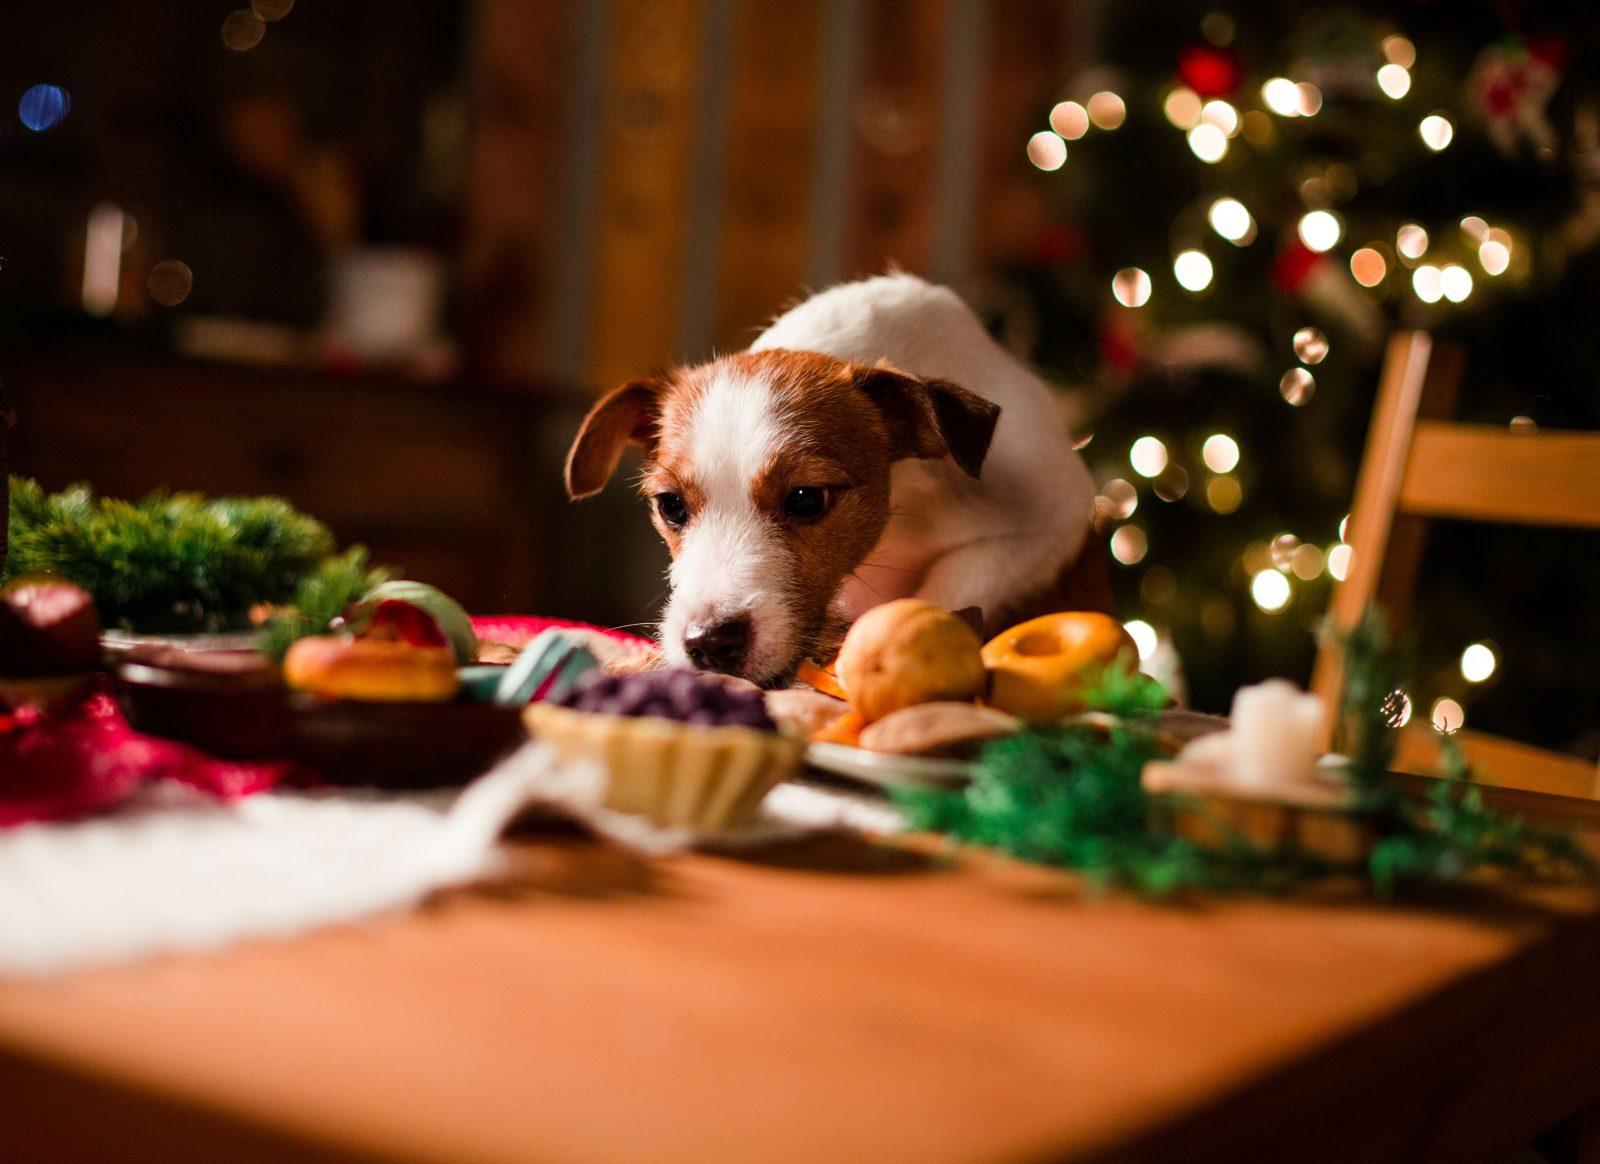 cuidado com as comidas da ceia das festas de fim de ano - Cuidado com as comidas da ceia das festas de fim de ano